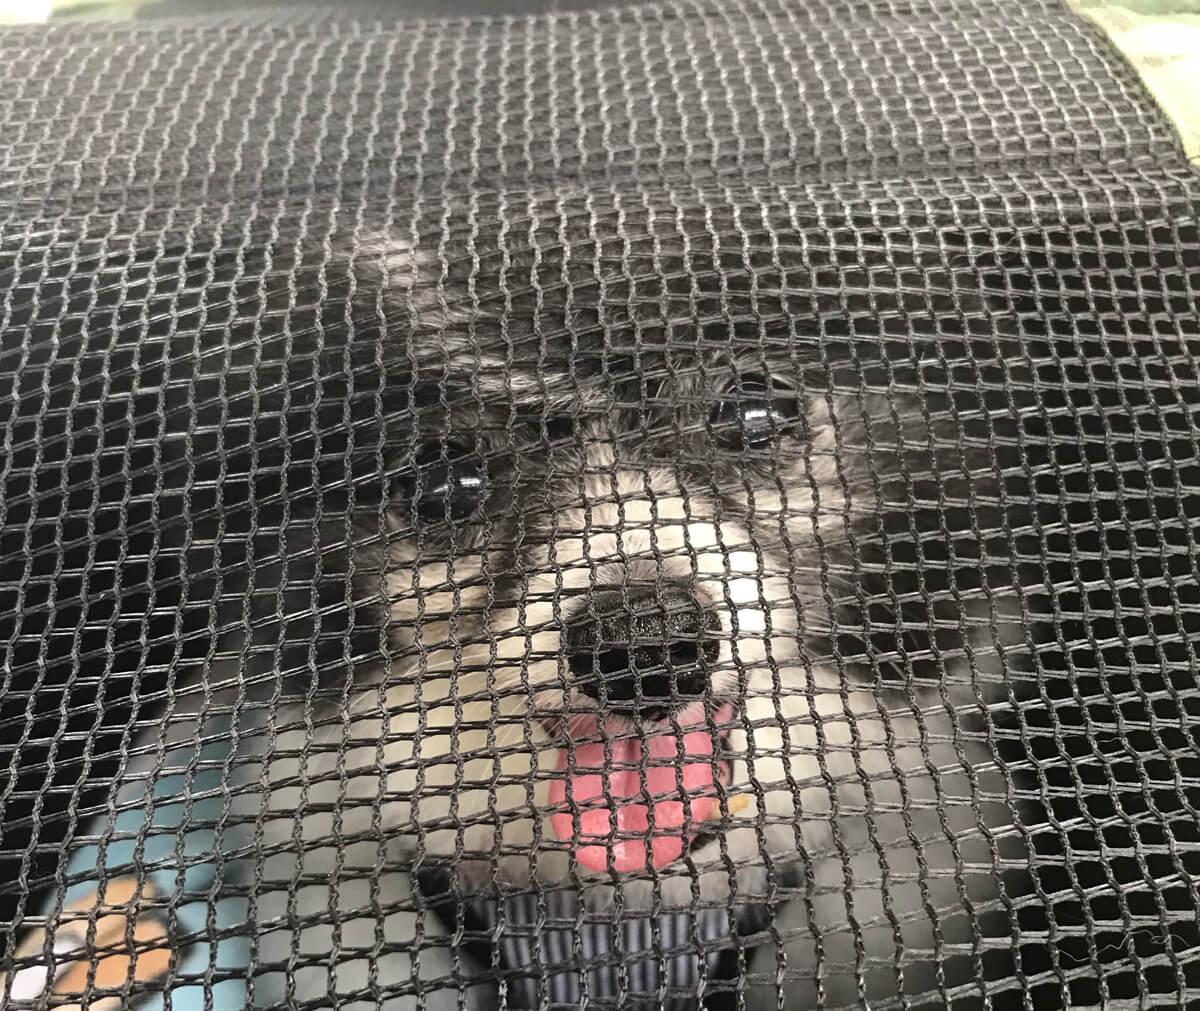 小型犬用ペットカートの失敗しない選び方のポイント 2. キャリー内の快適さ